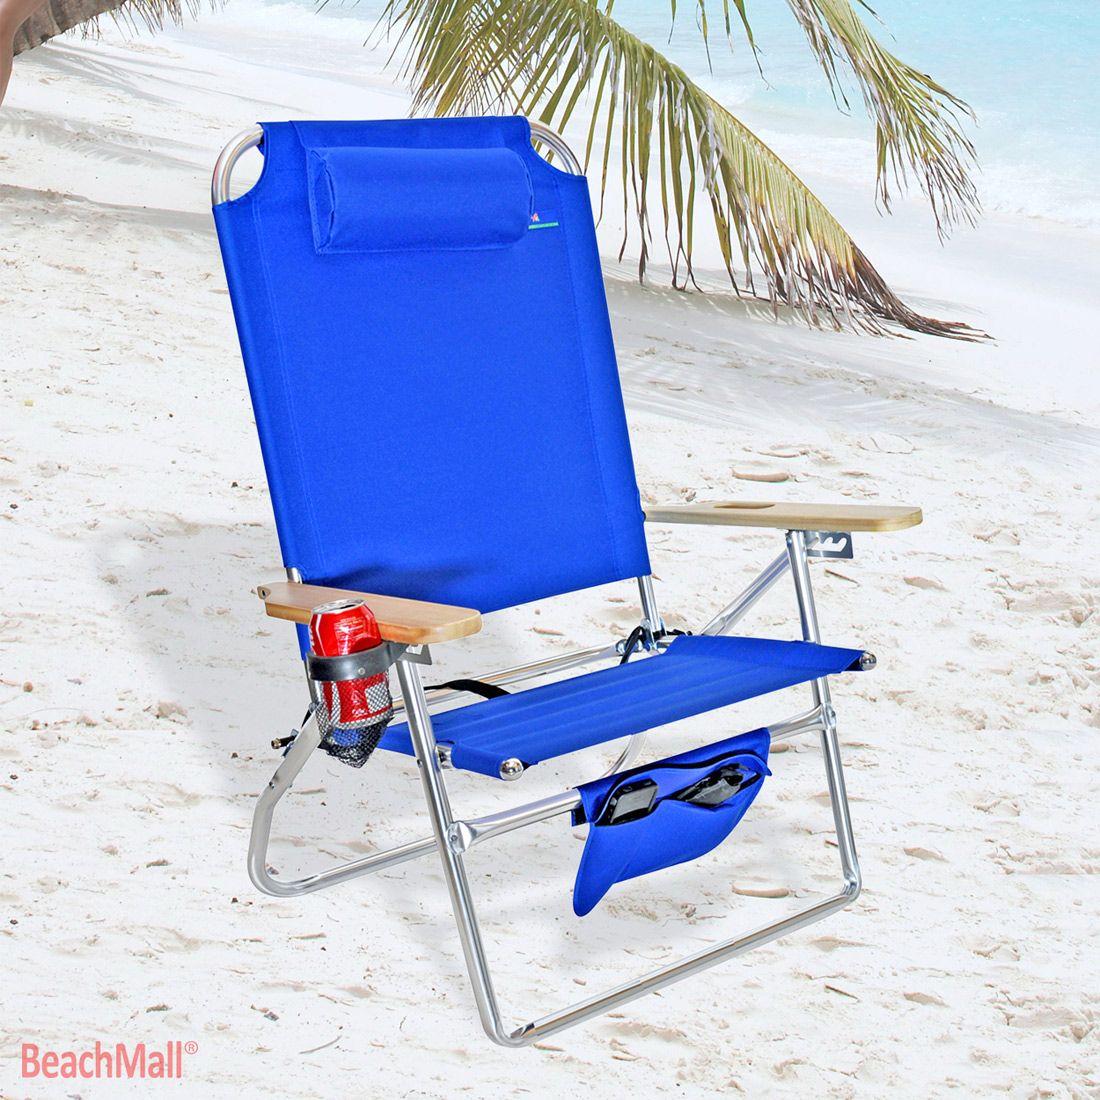 XL High Seat Heavy Duty Beach Chair